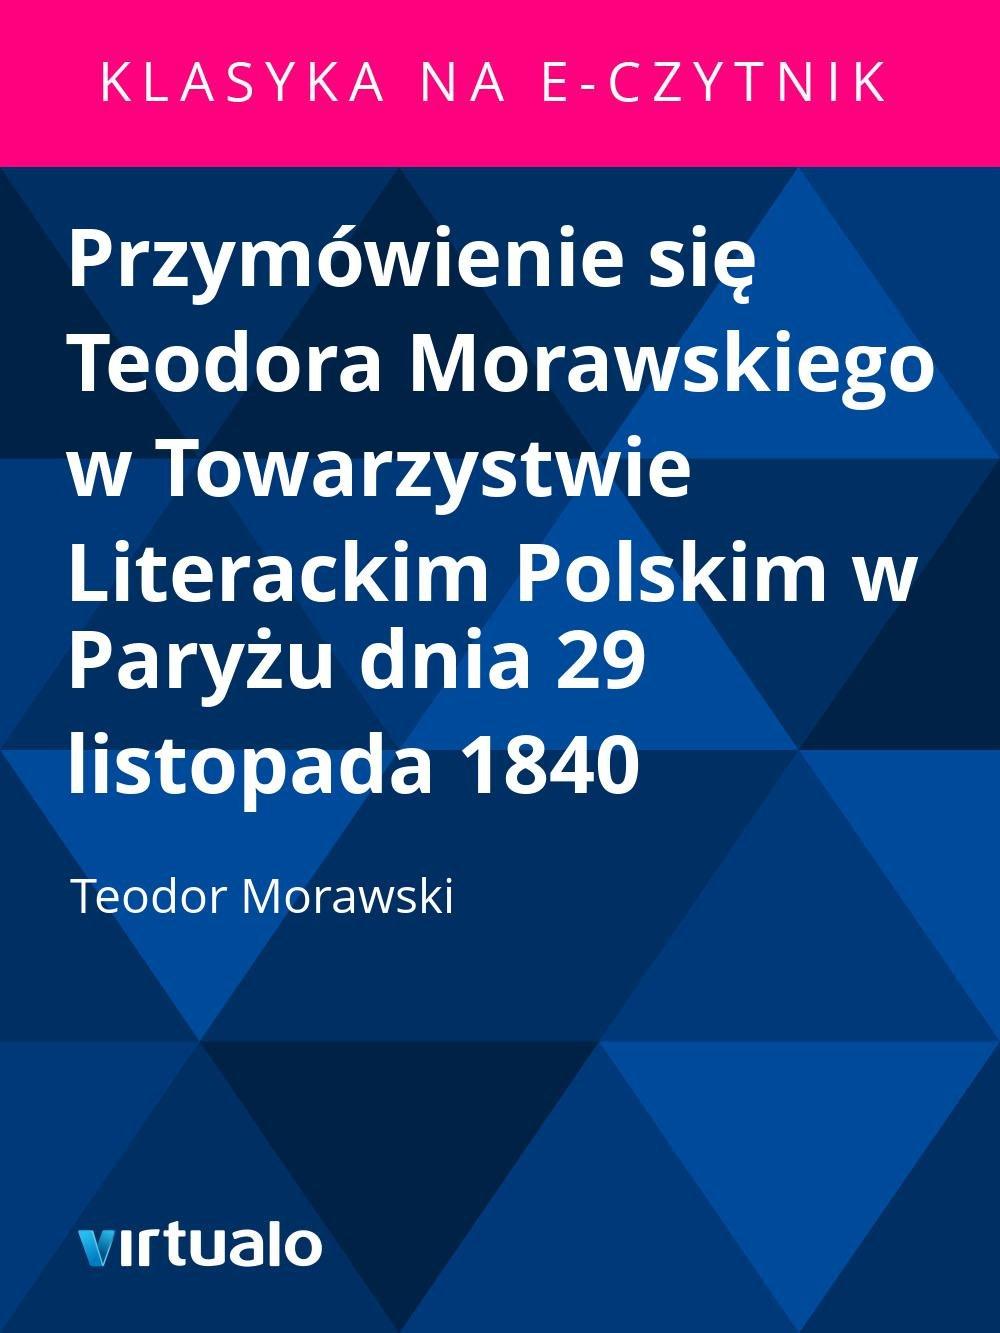 Przymówienie się Teodora Morawskiego w Towarzystwie Literackim Polskim w Paryżu dnia 29 listopada 1840 - Ebook (Książka EPUB) do pobrania w formacie EPUB